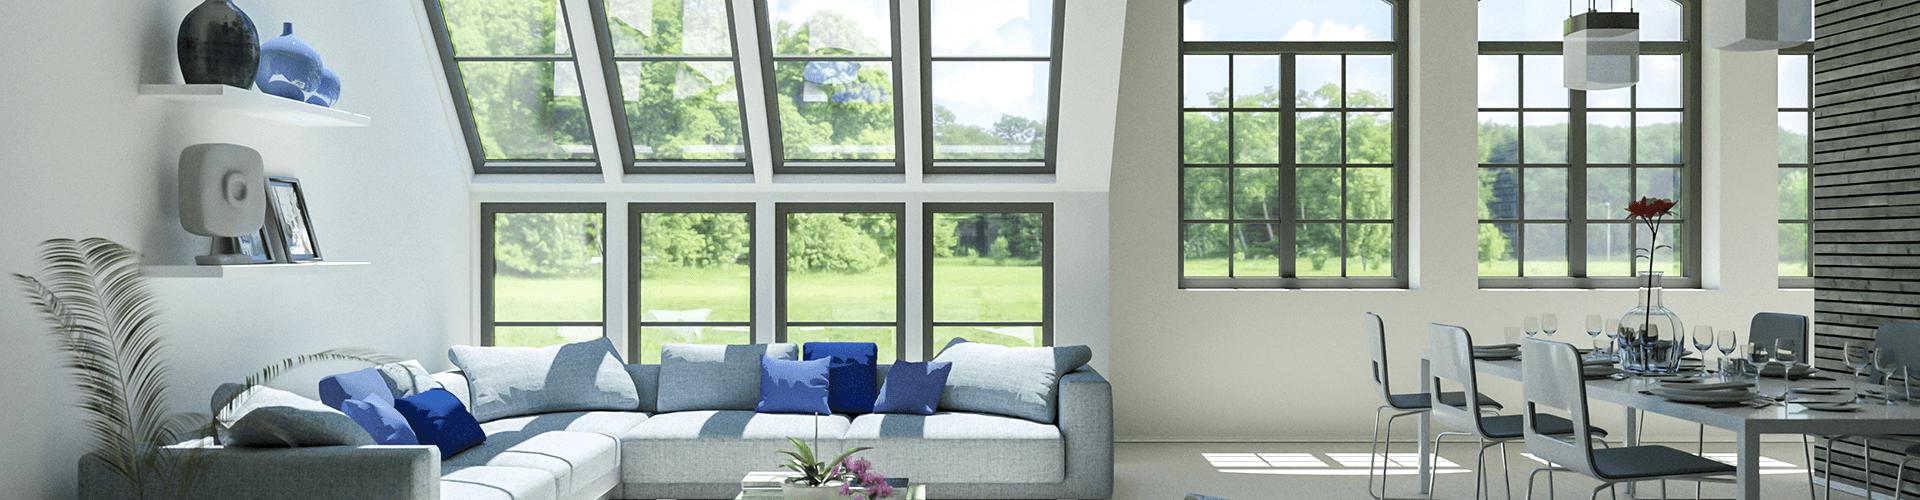 алюминиевые окна для дома фото